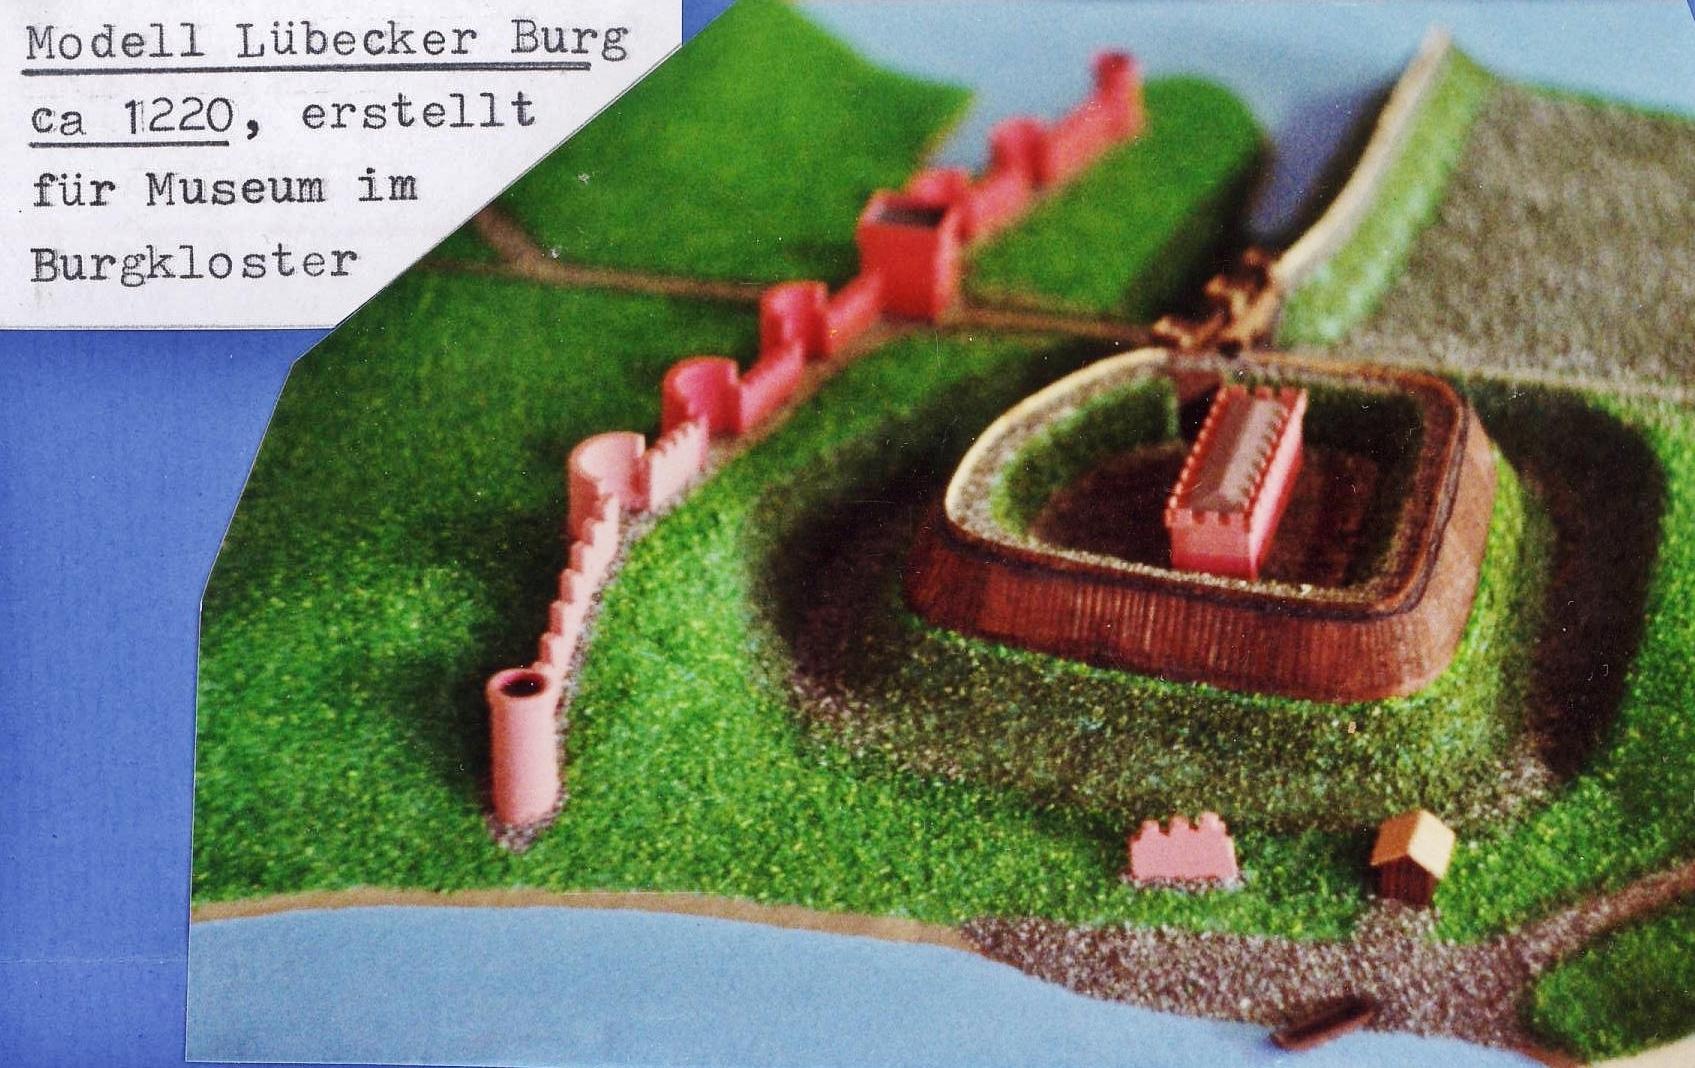 Burg Bucu